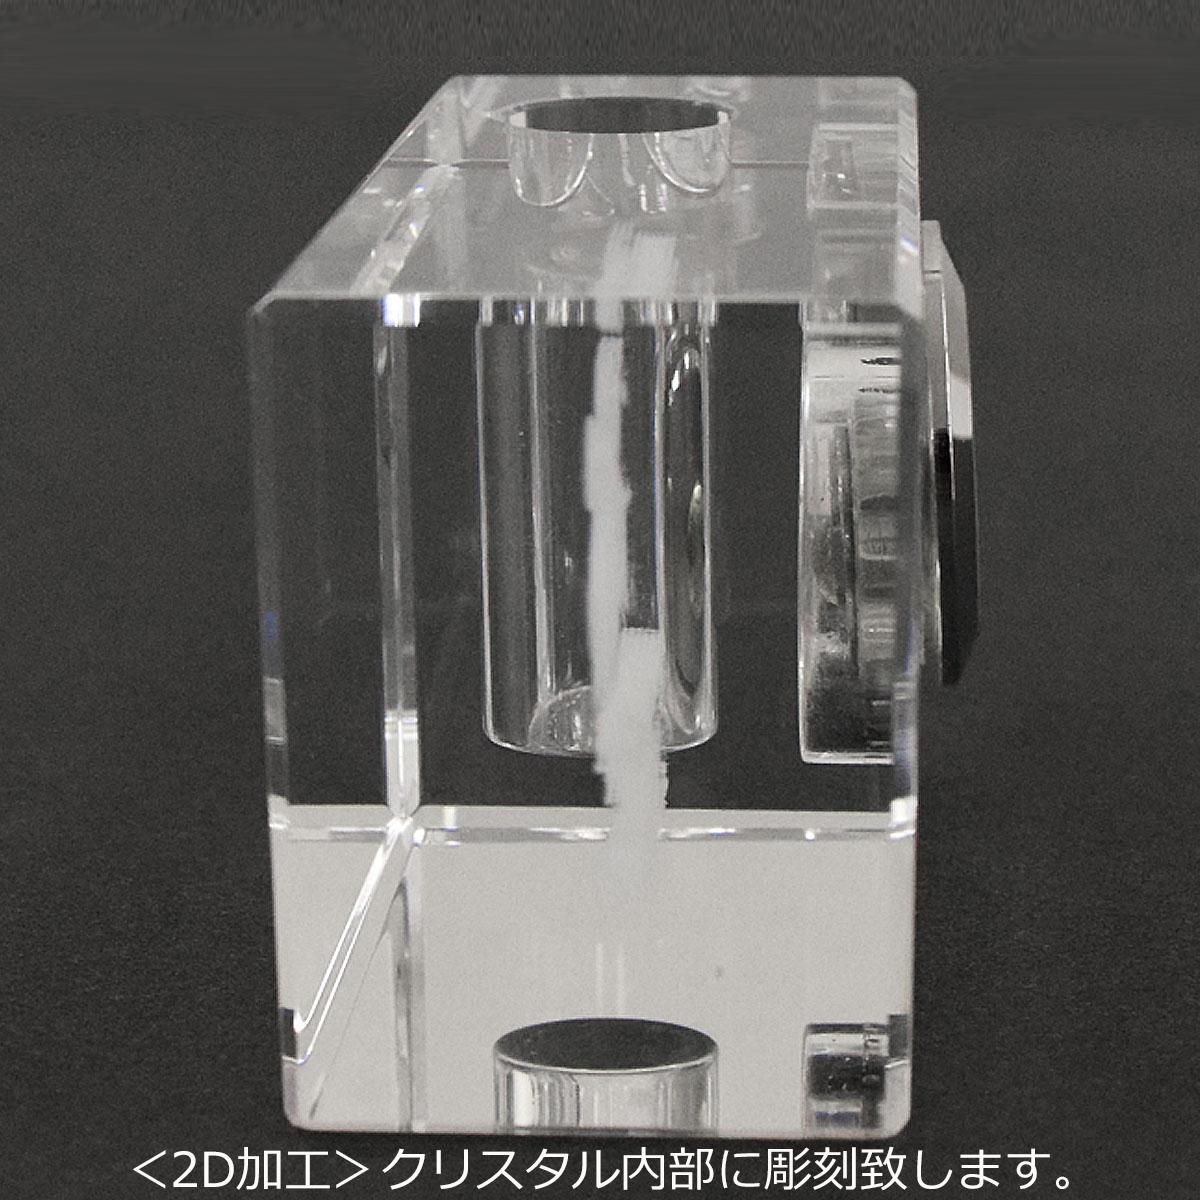 クリスタル時計+印鑑 牛角(並)12mm 牛革セーフティー印鑑ケース付